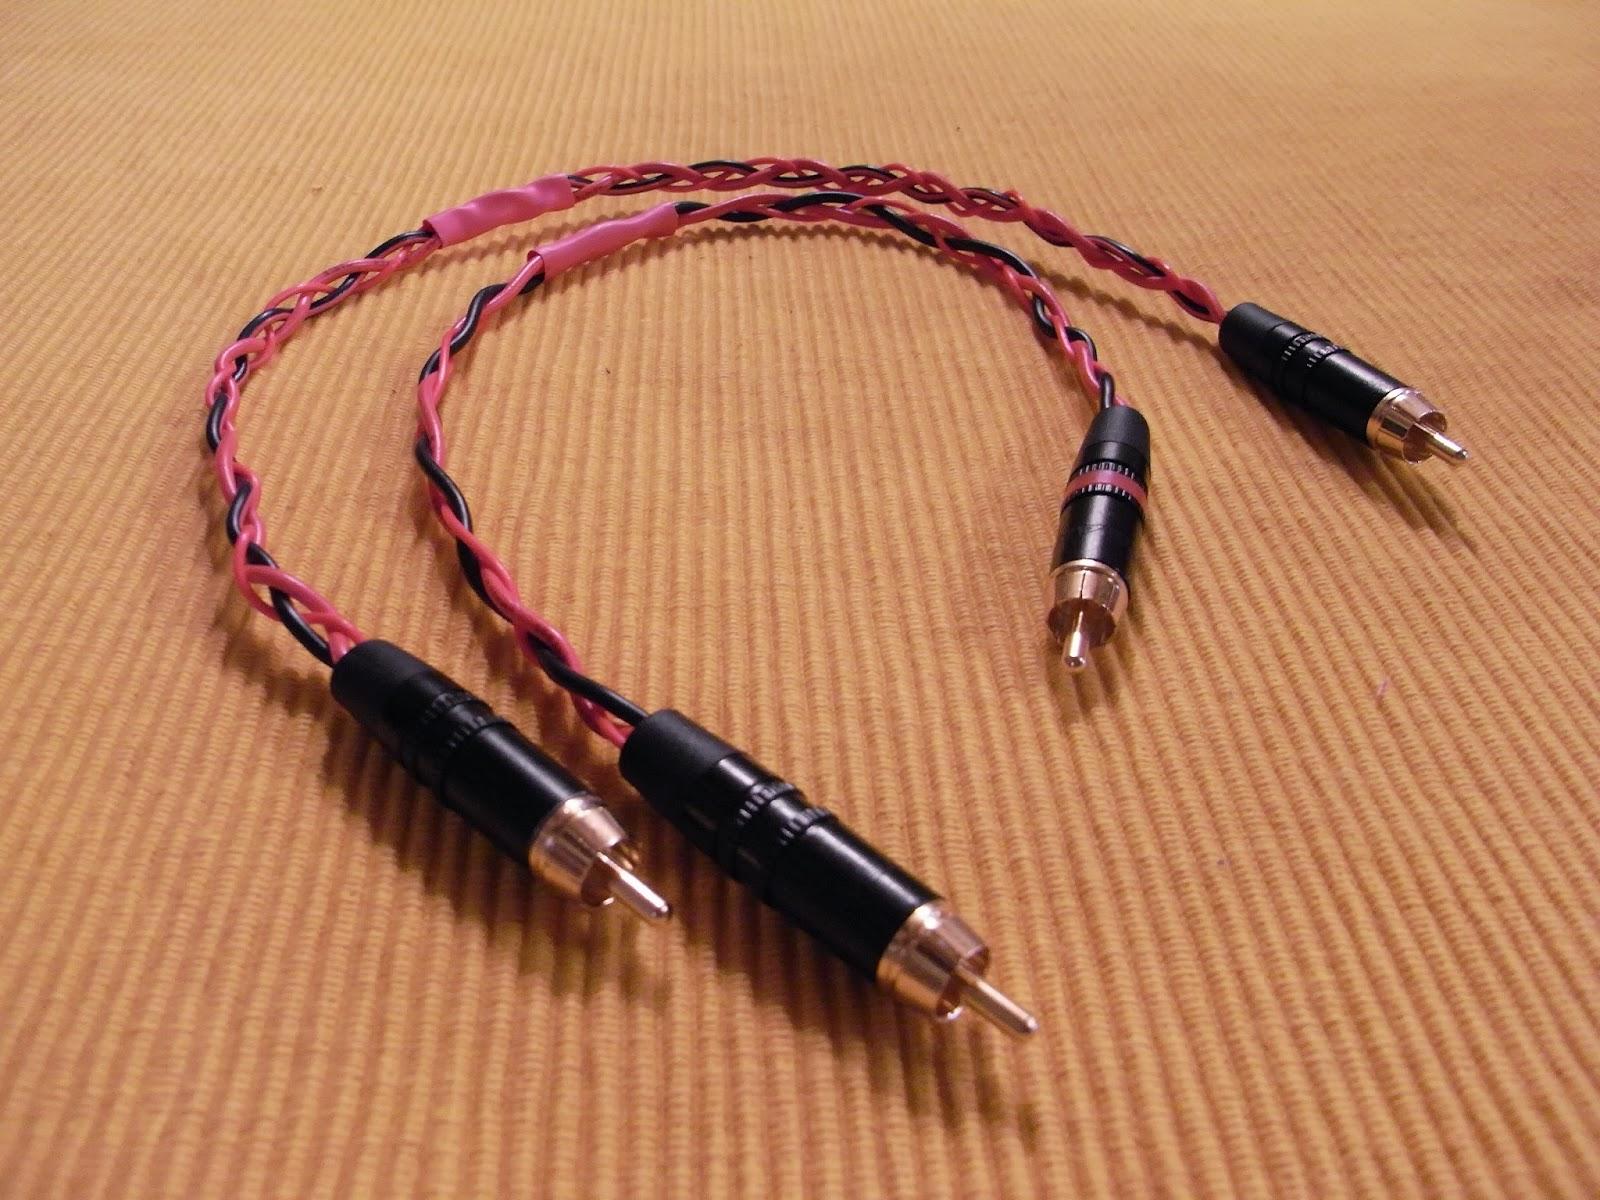 Bazar cables regletas streamer switch actualizado - Regleta para cables ...